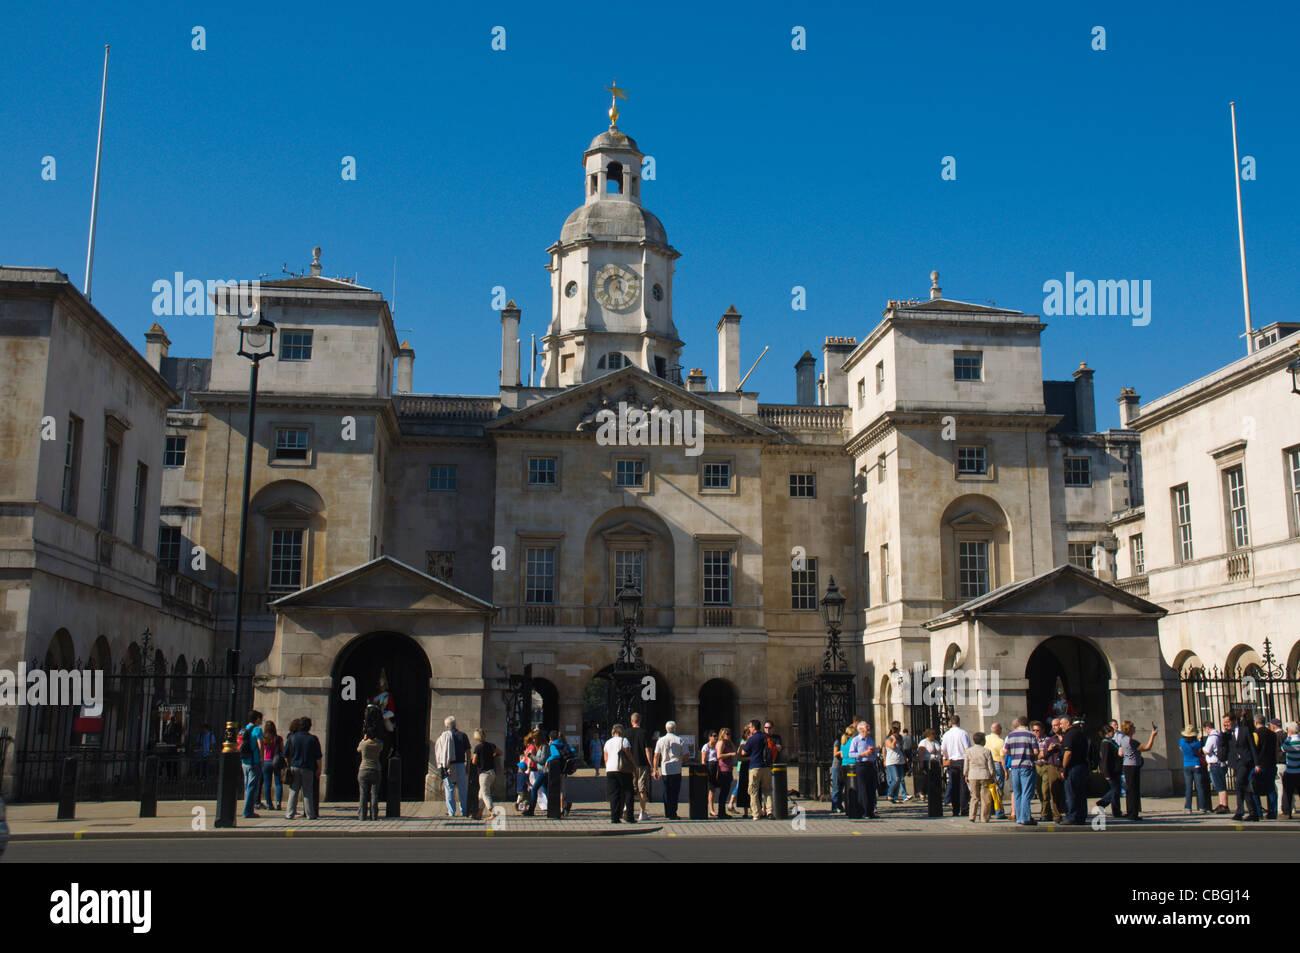 Los guardias a caballo desfile exterior Whitehall Street Westminster Londres England Reino Unido Europa Imagen De Stock